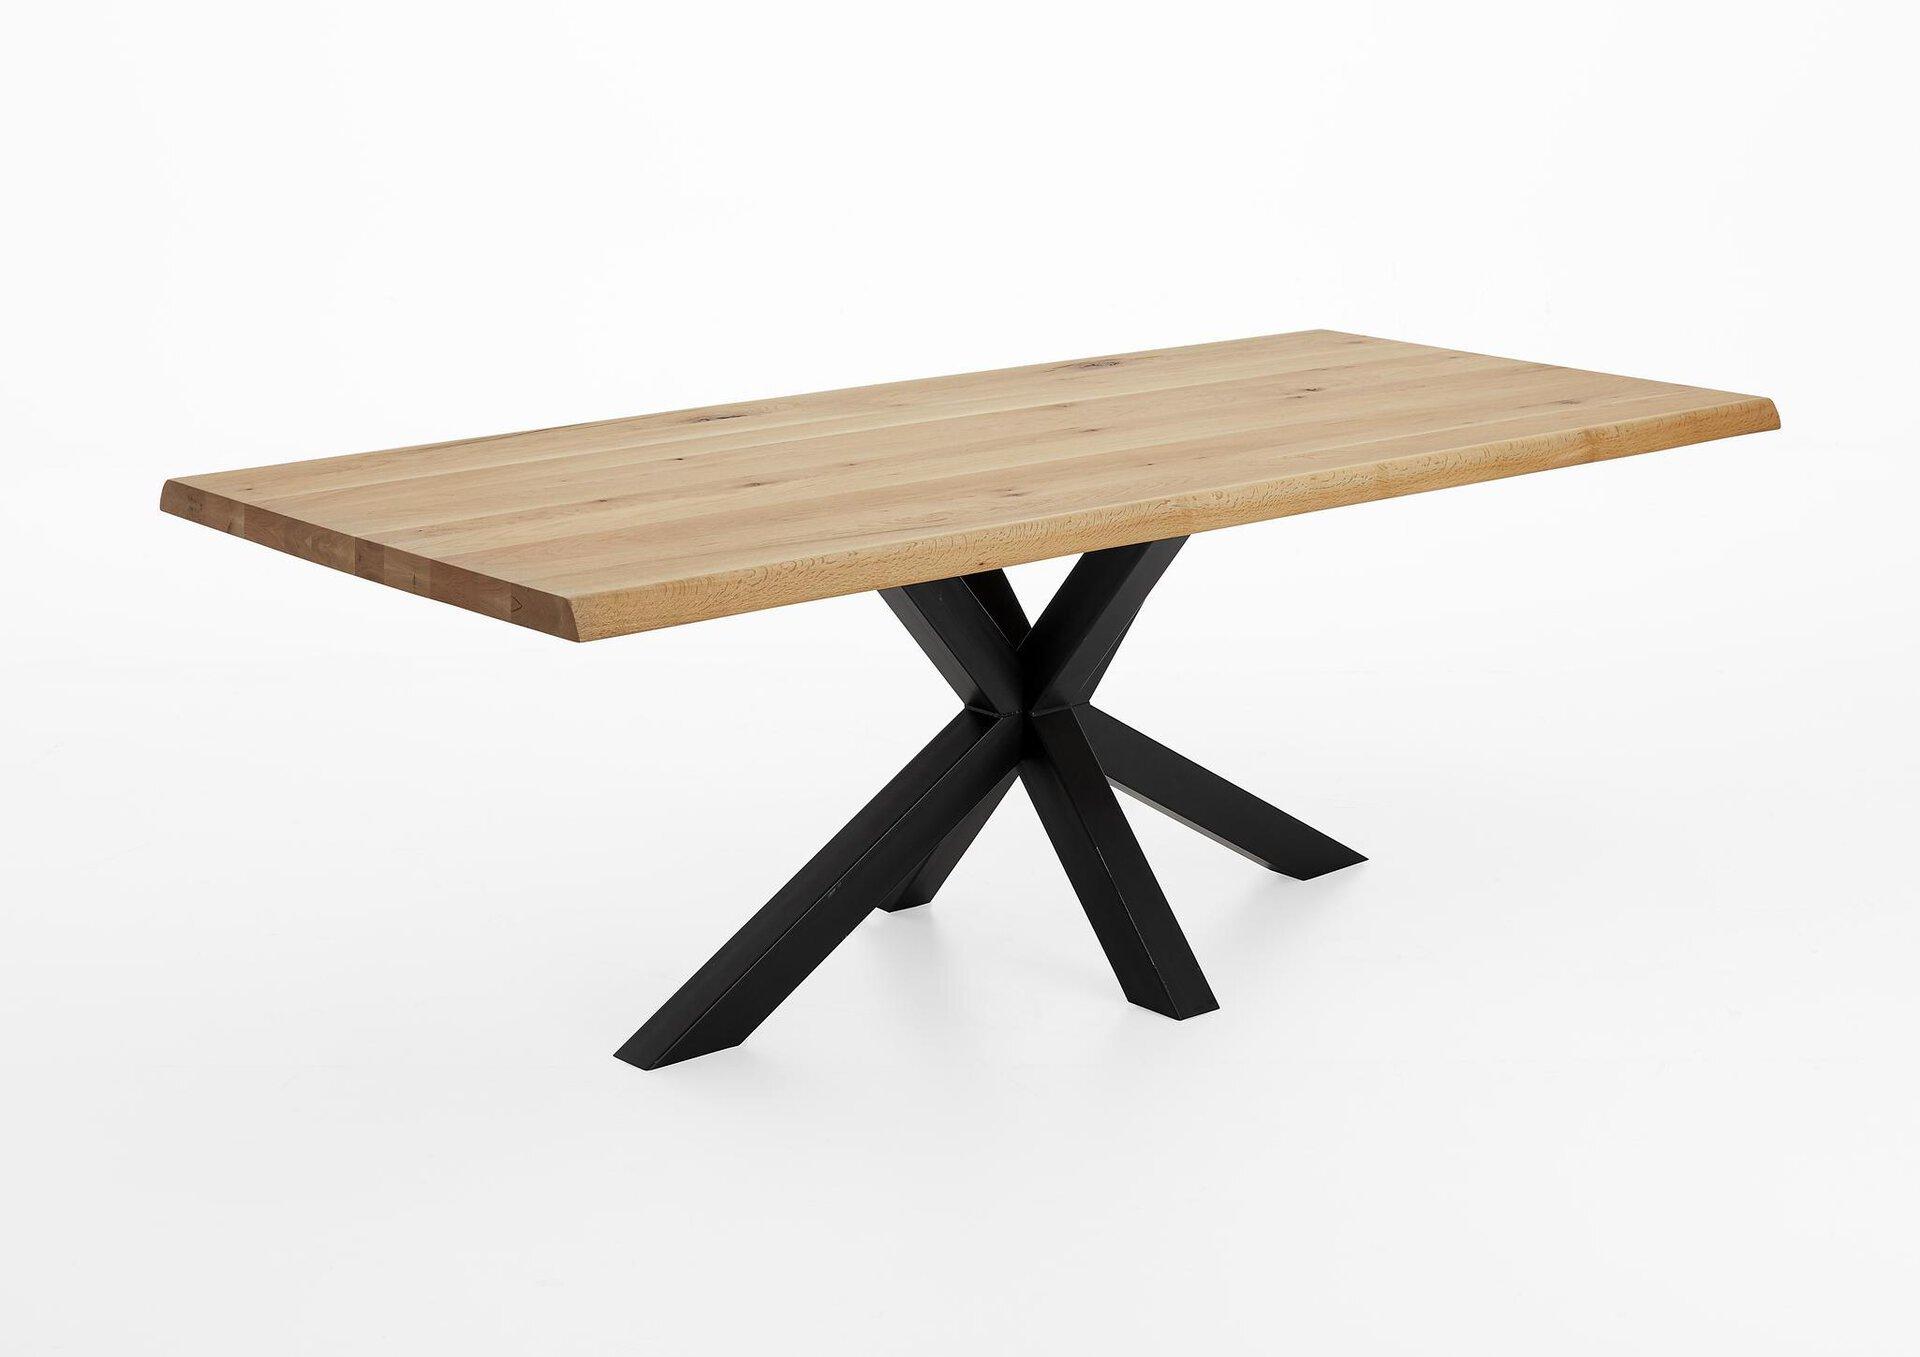 Tisch mit fester Platte PALLIA VALMONDO Metall braun 100 x 77 x 240 cm